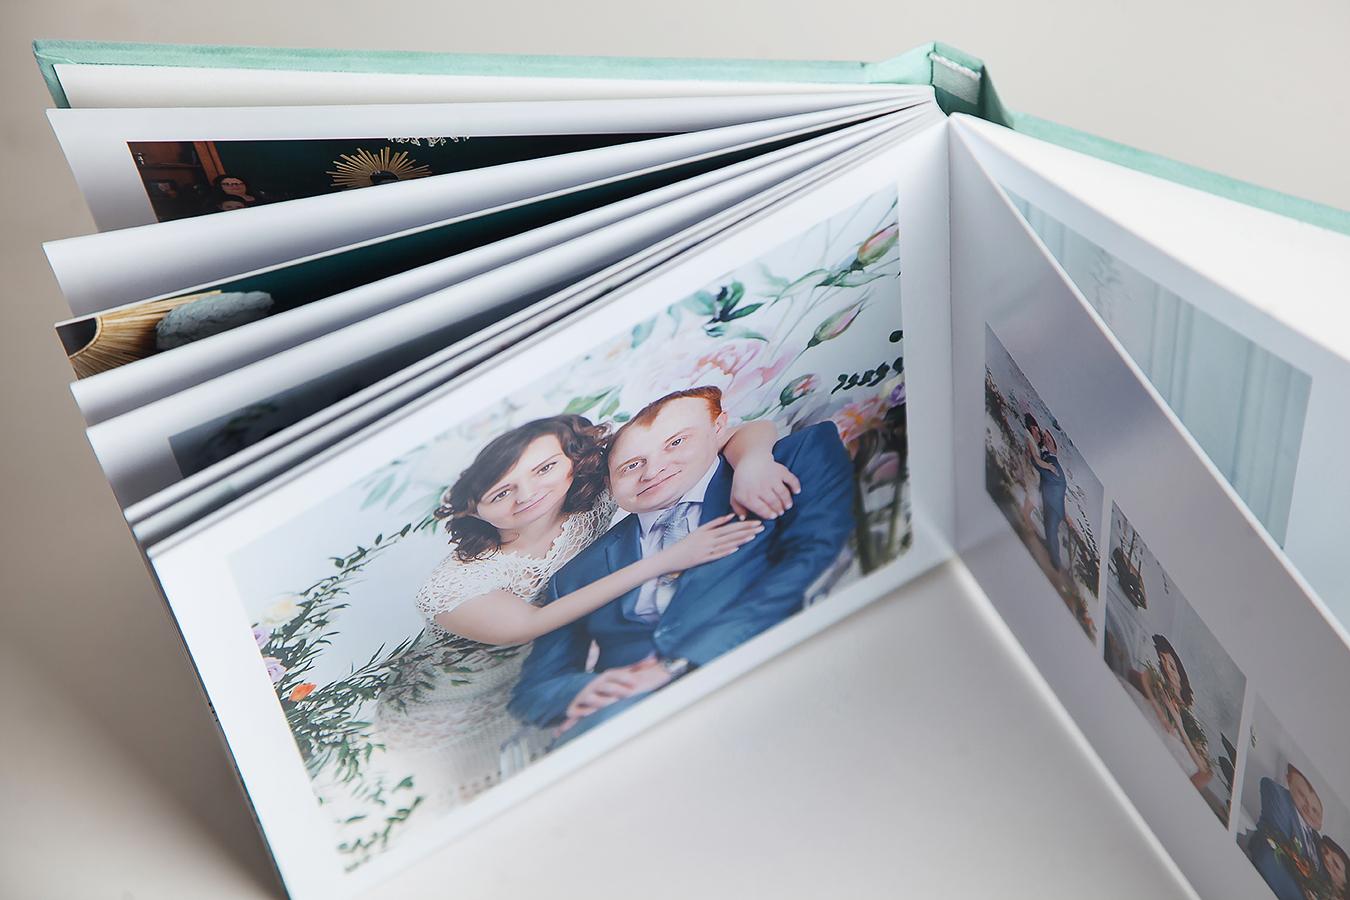 сувенирные из какой бумаги лучше заказывать фотокнигу тщательно следит